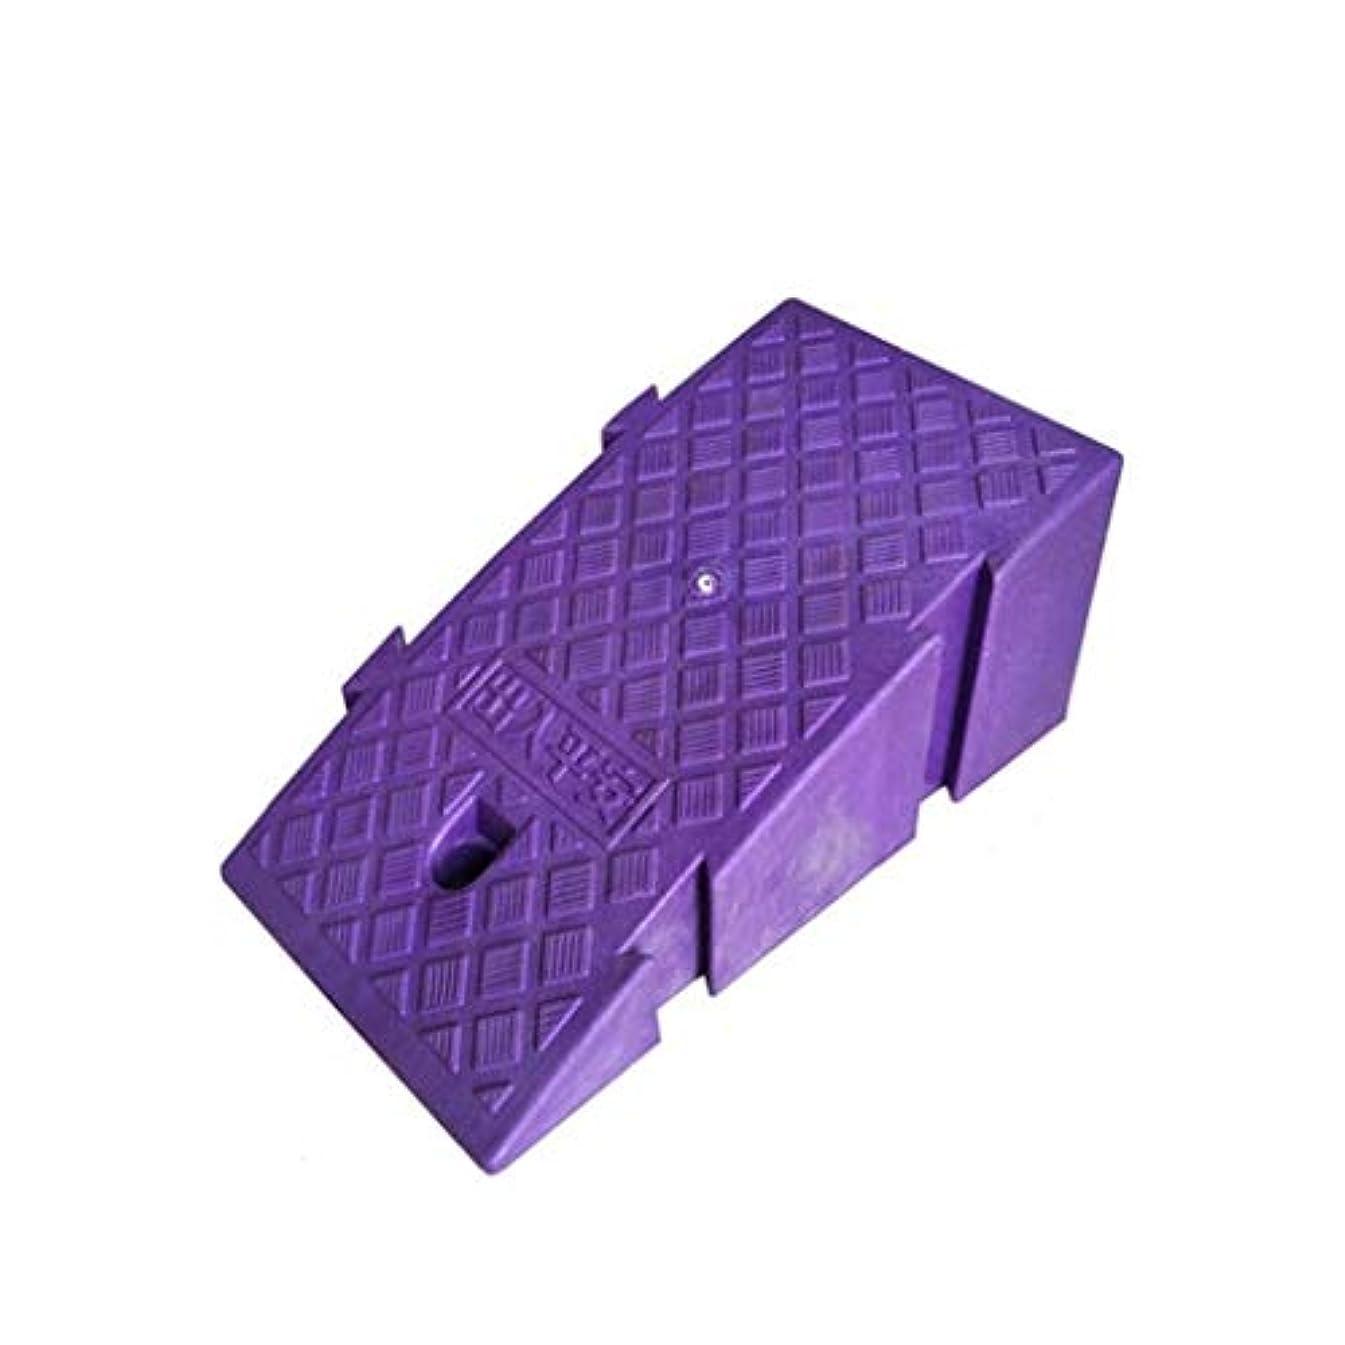 不条理ゆでるぴかぴかオートバイのスロープマット、プラスチックスプライス可能な車椅子傾斜の世帯のステップ傾斜パッドバー駐車場入口サービス傾斜高さ:16CM / 19CM (Color : Purple, Size : 25*45*19CM)